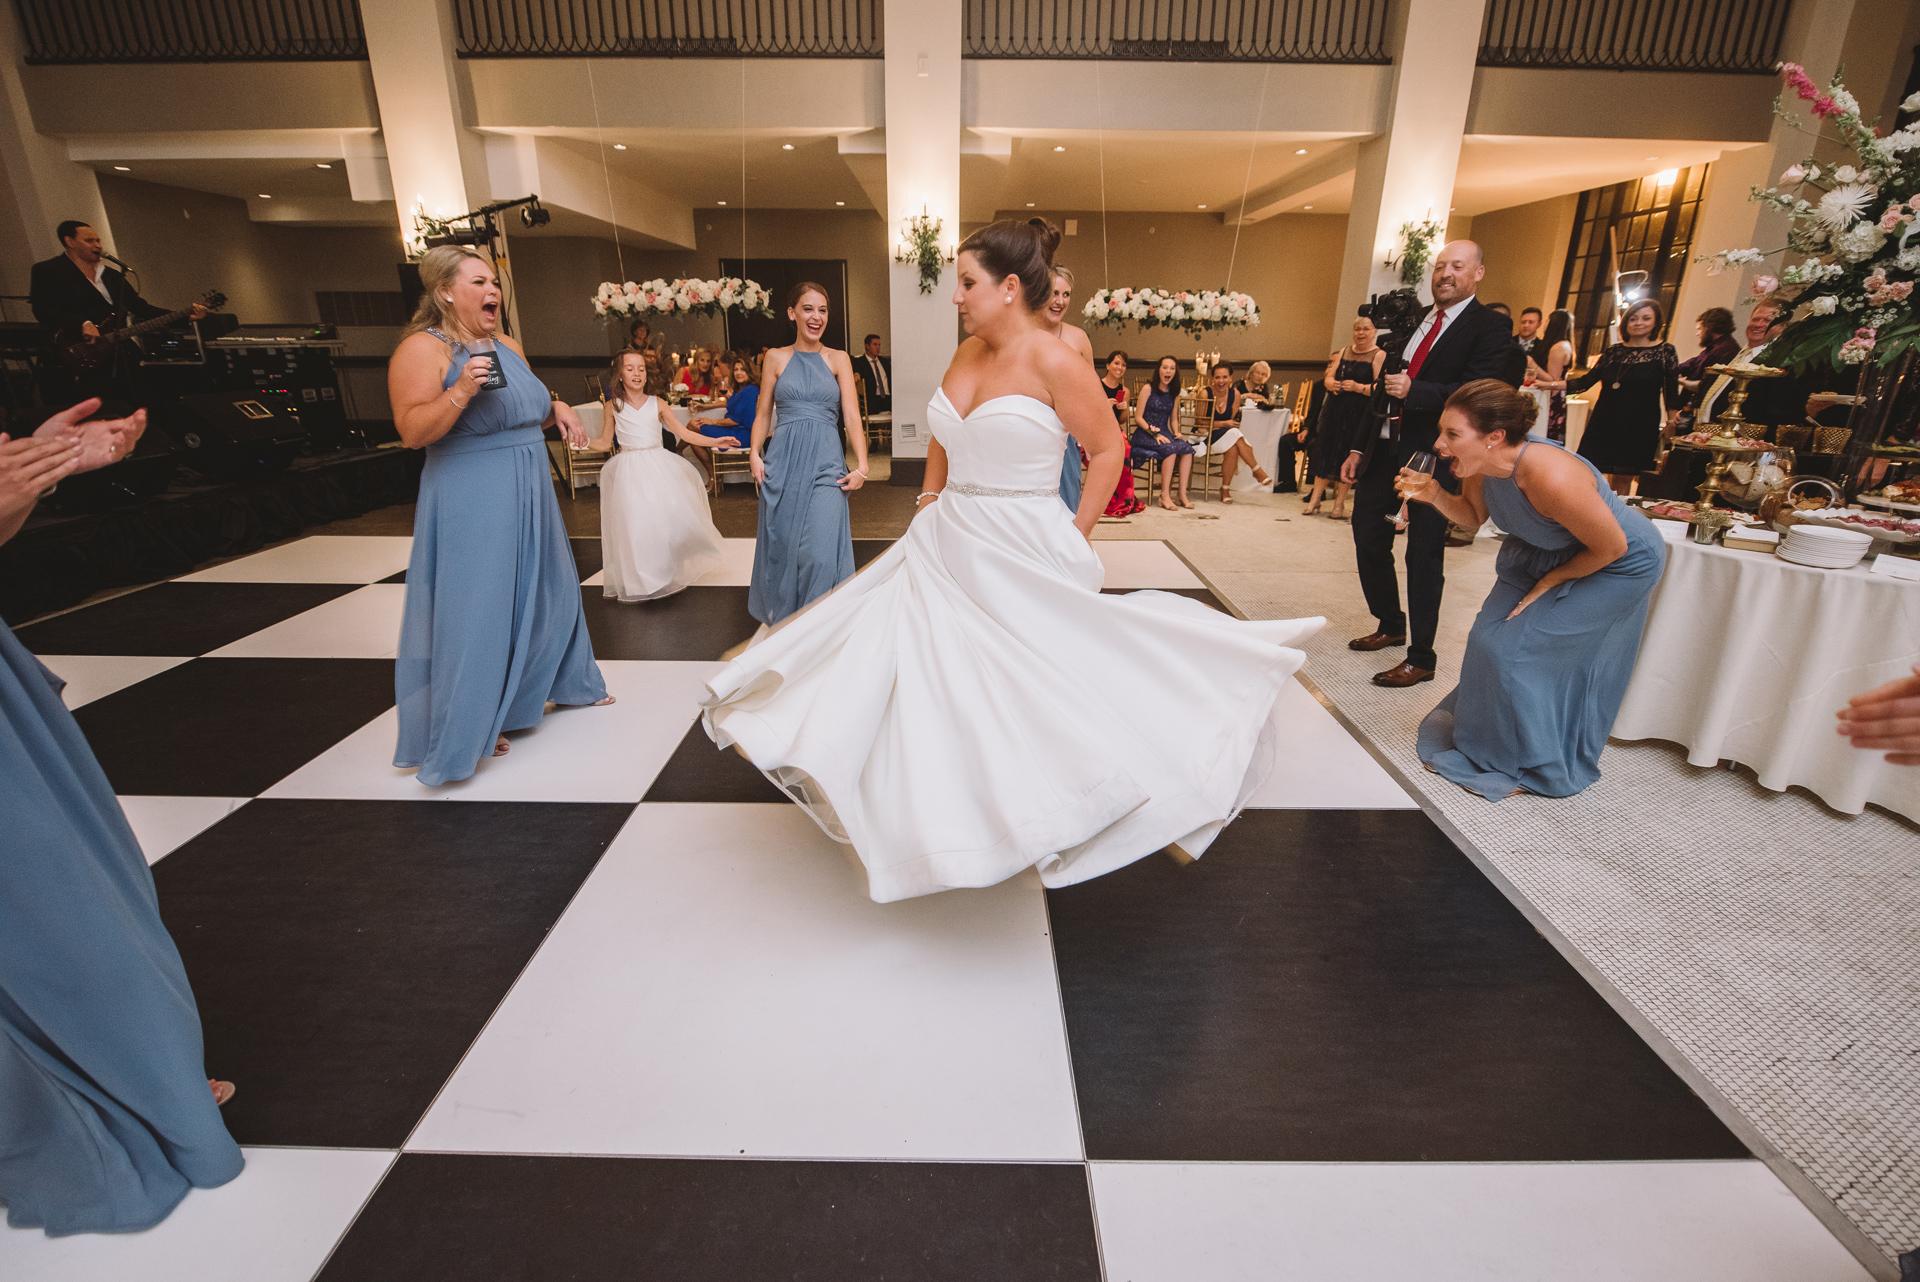 fun dancing photos reception